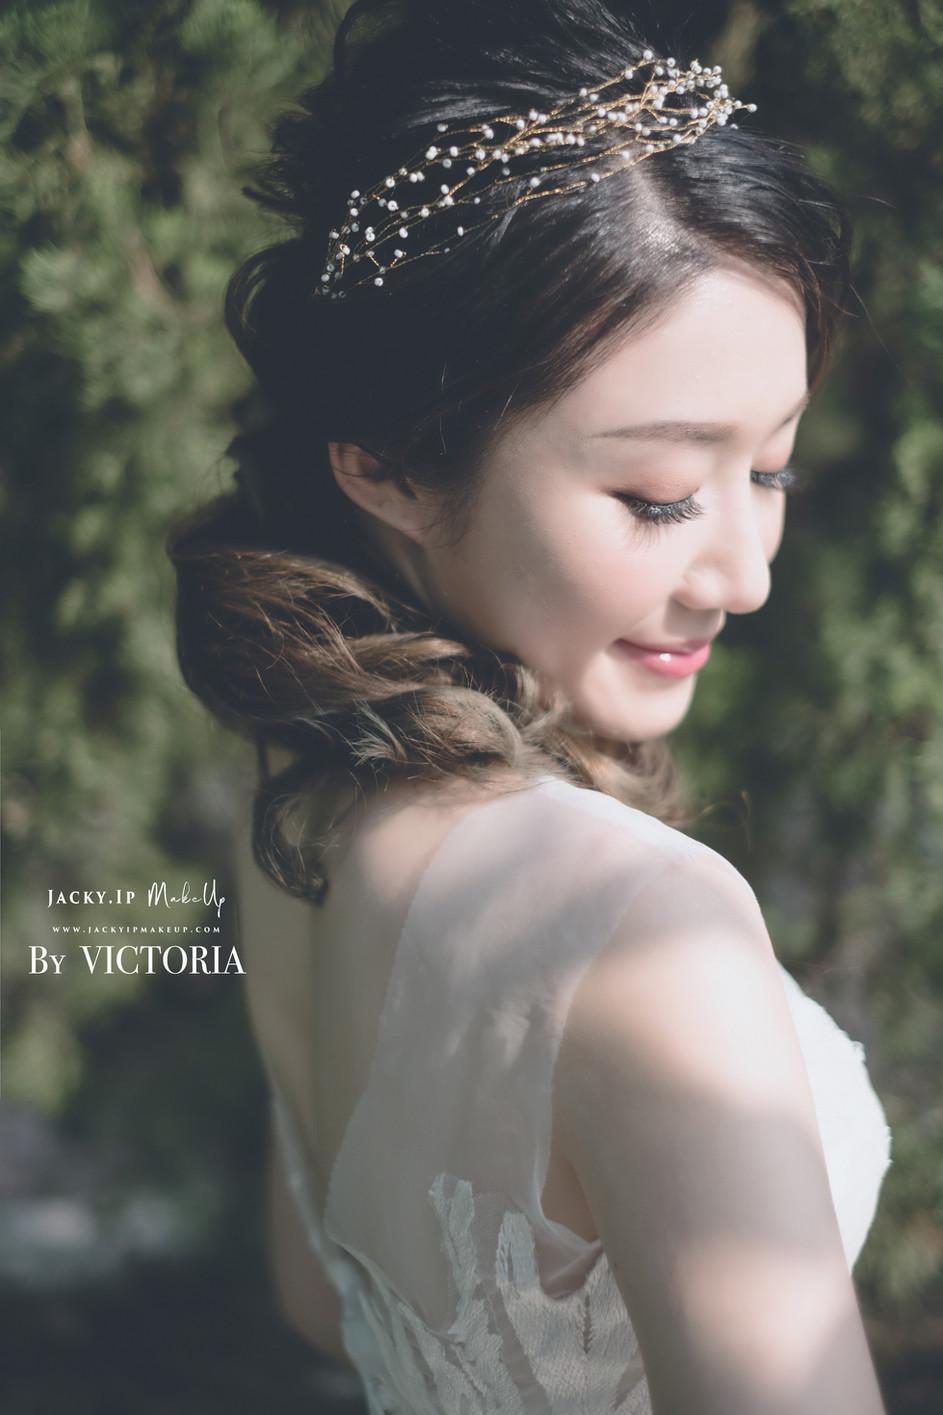 By MUA Victoria